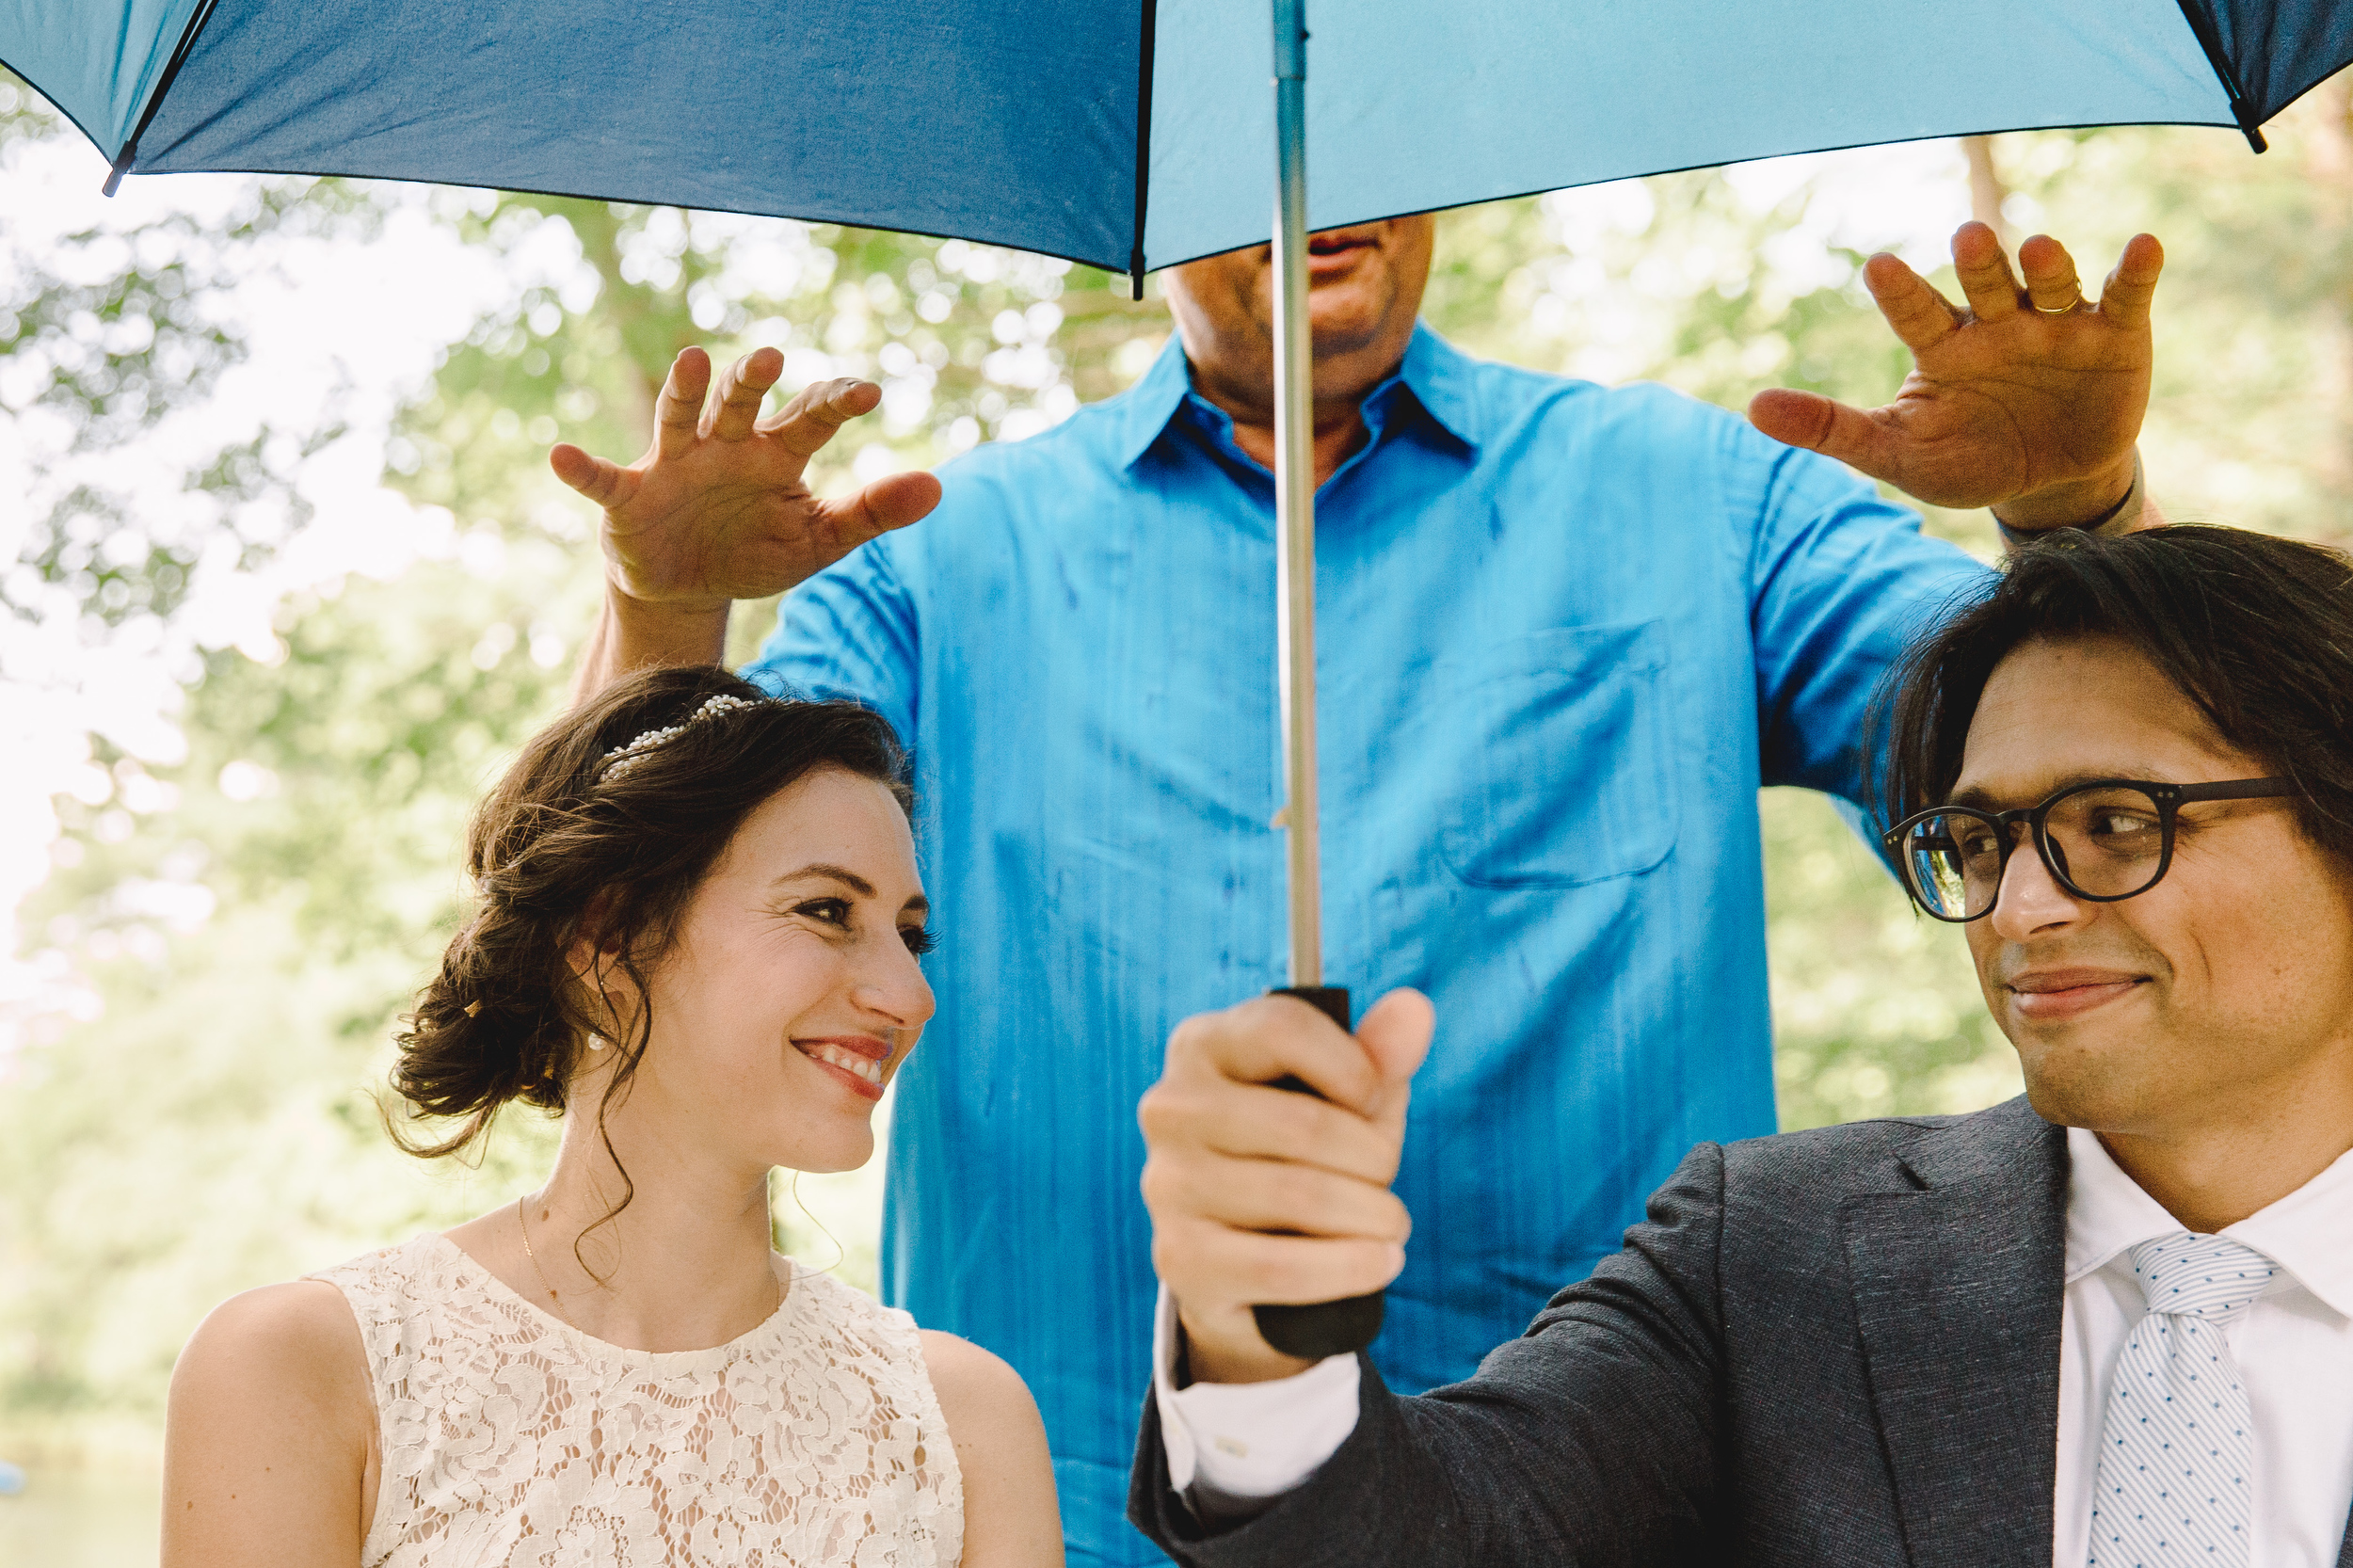 capecod_backyard_wedding_photos_mikhail_20.JPG